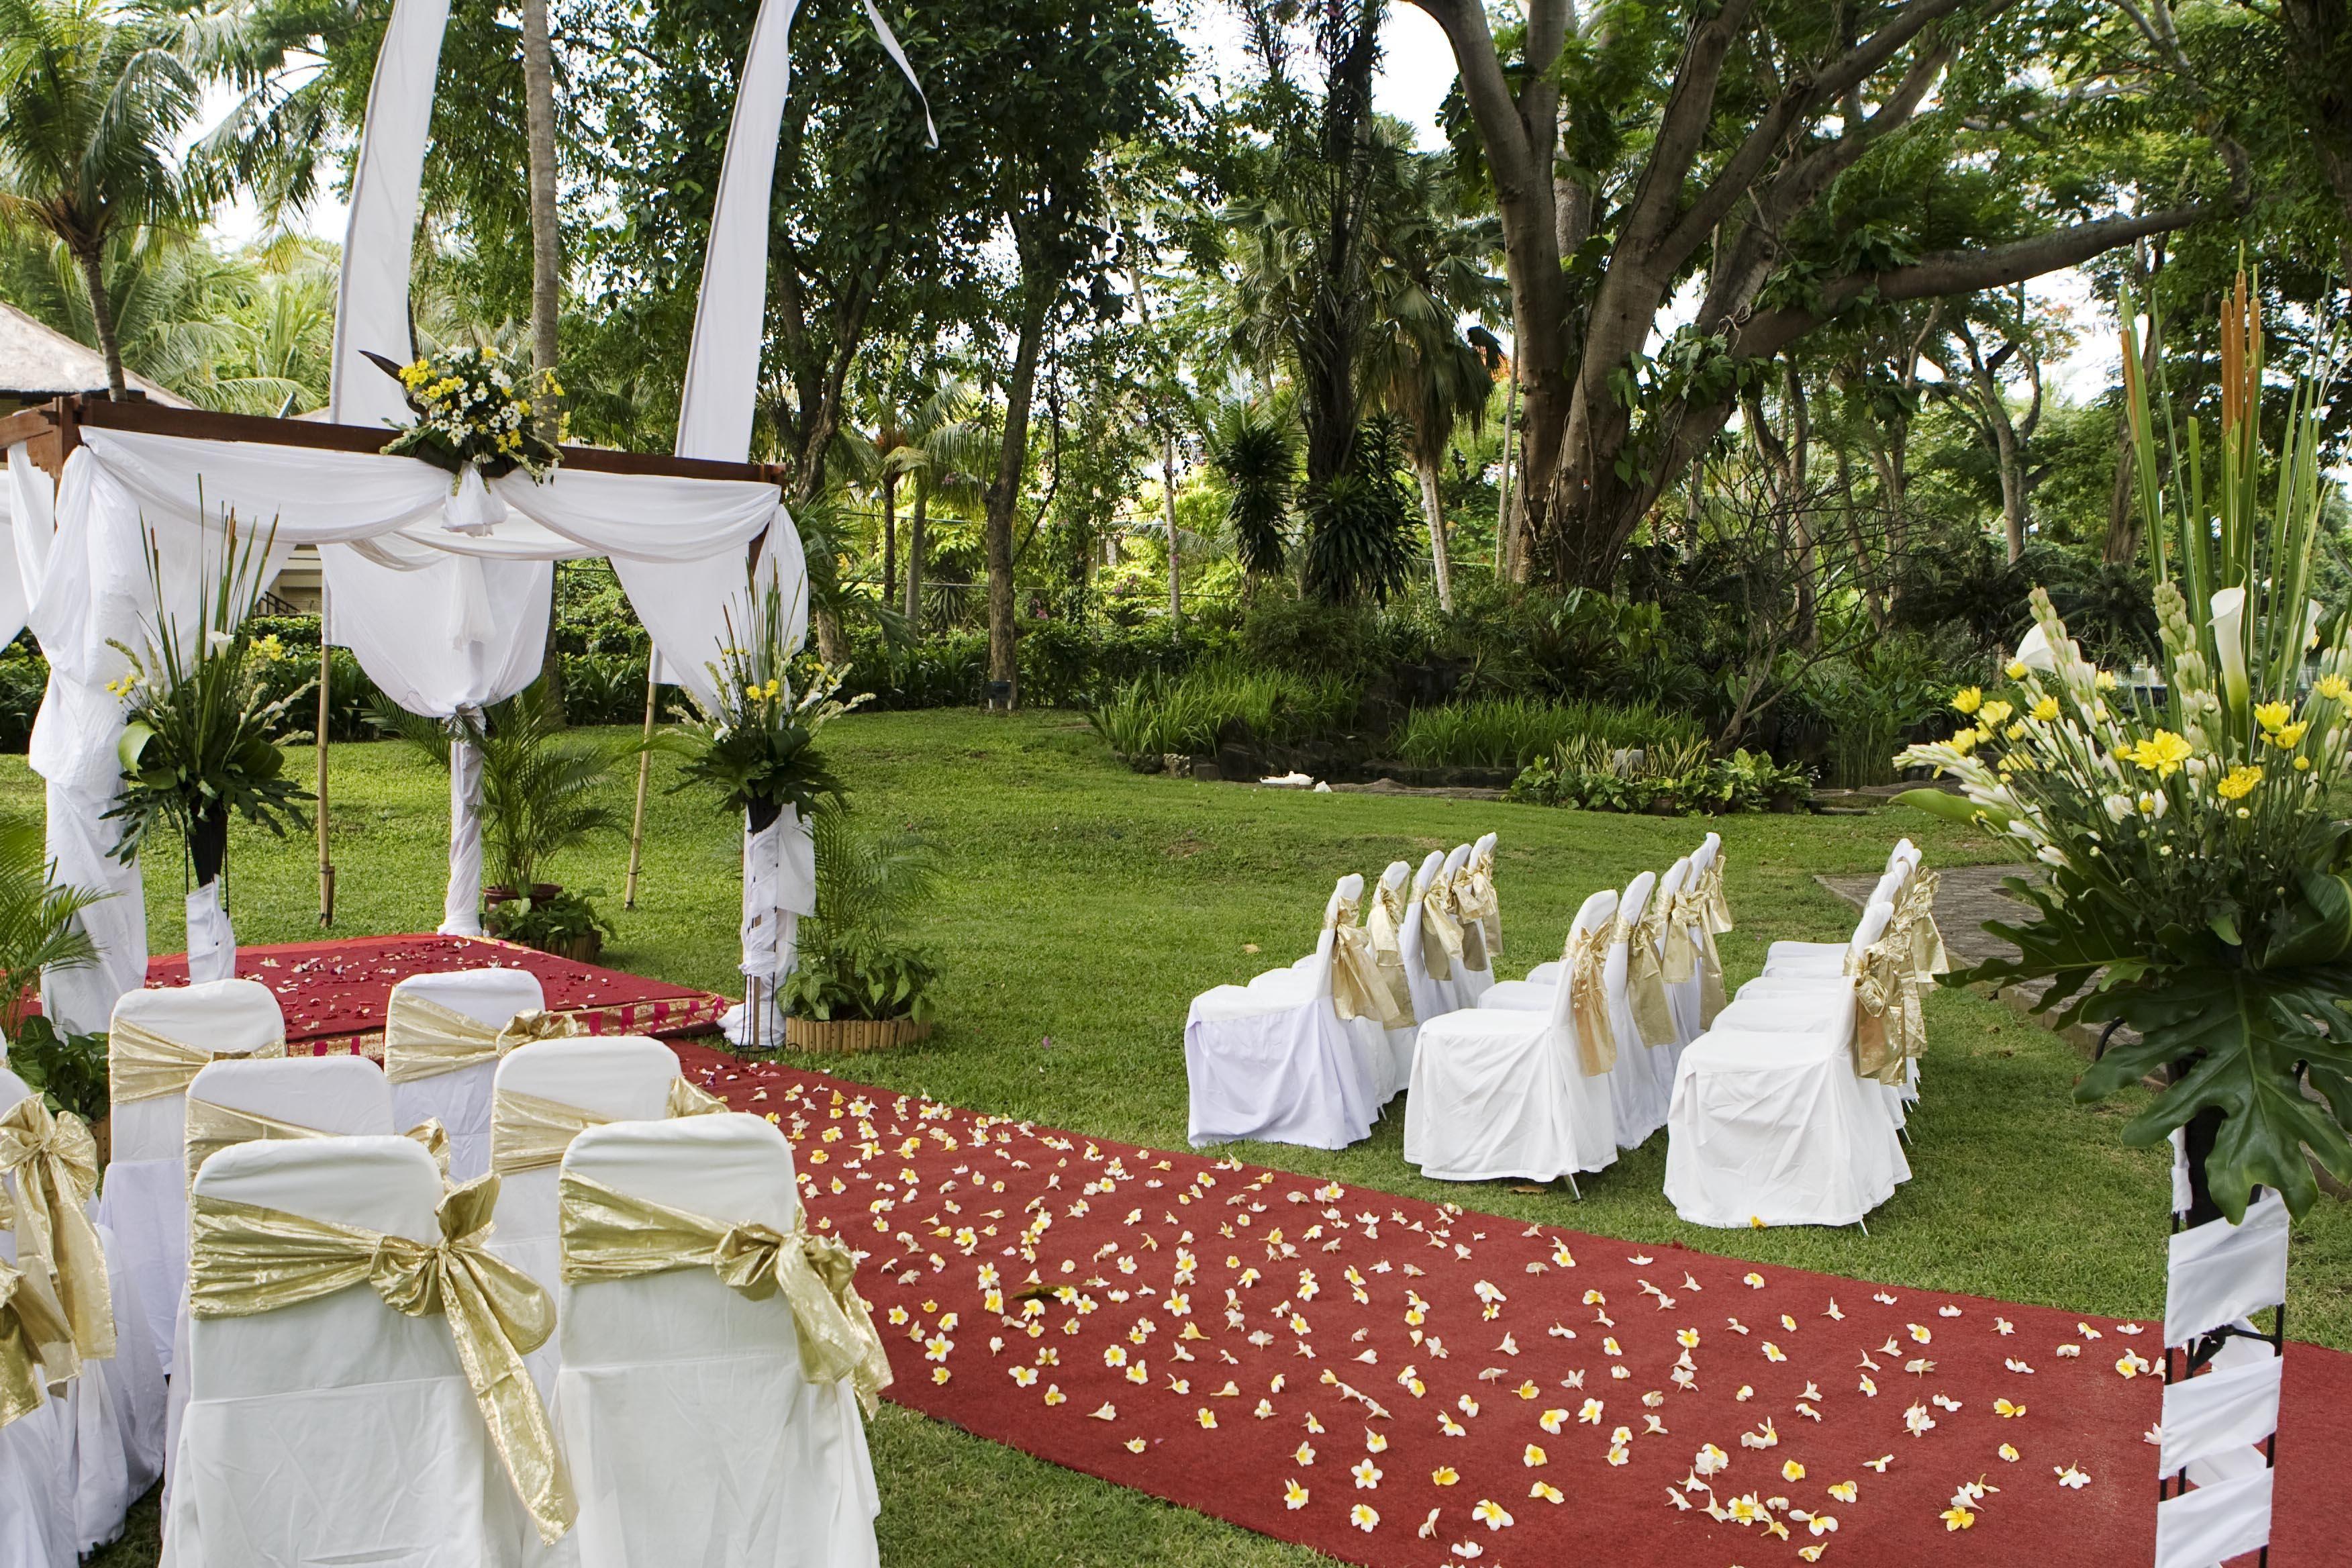 Garden Wedding | Wedding at Aerowisata Sanur Beach Hotel Bali ...